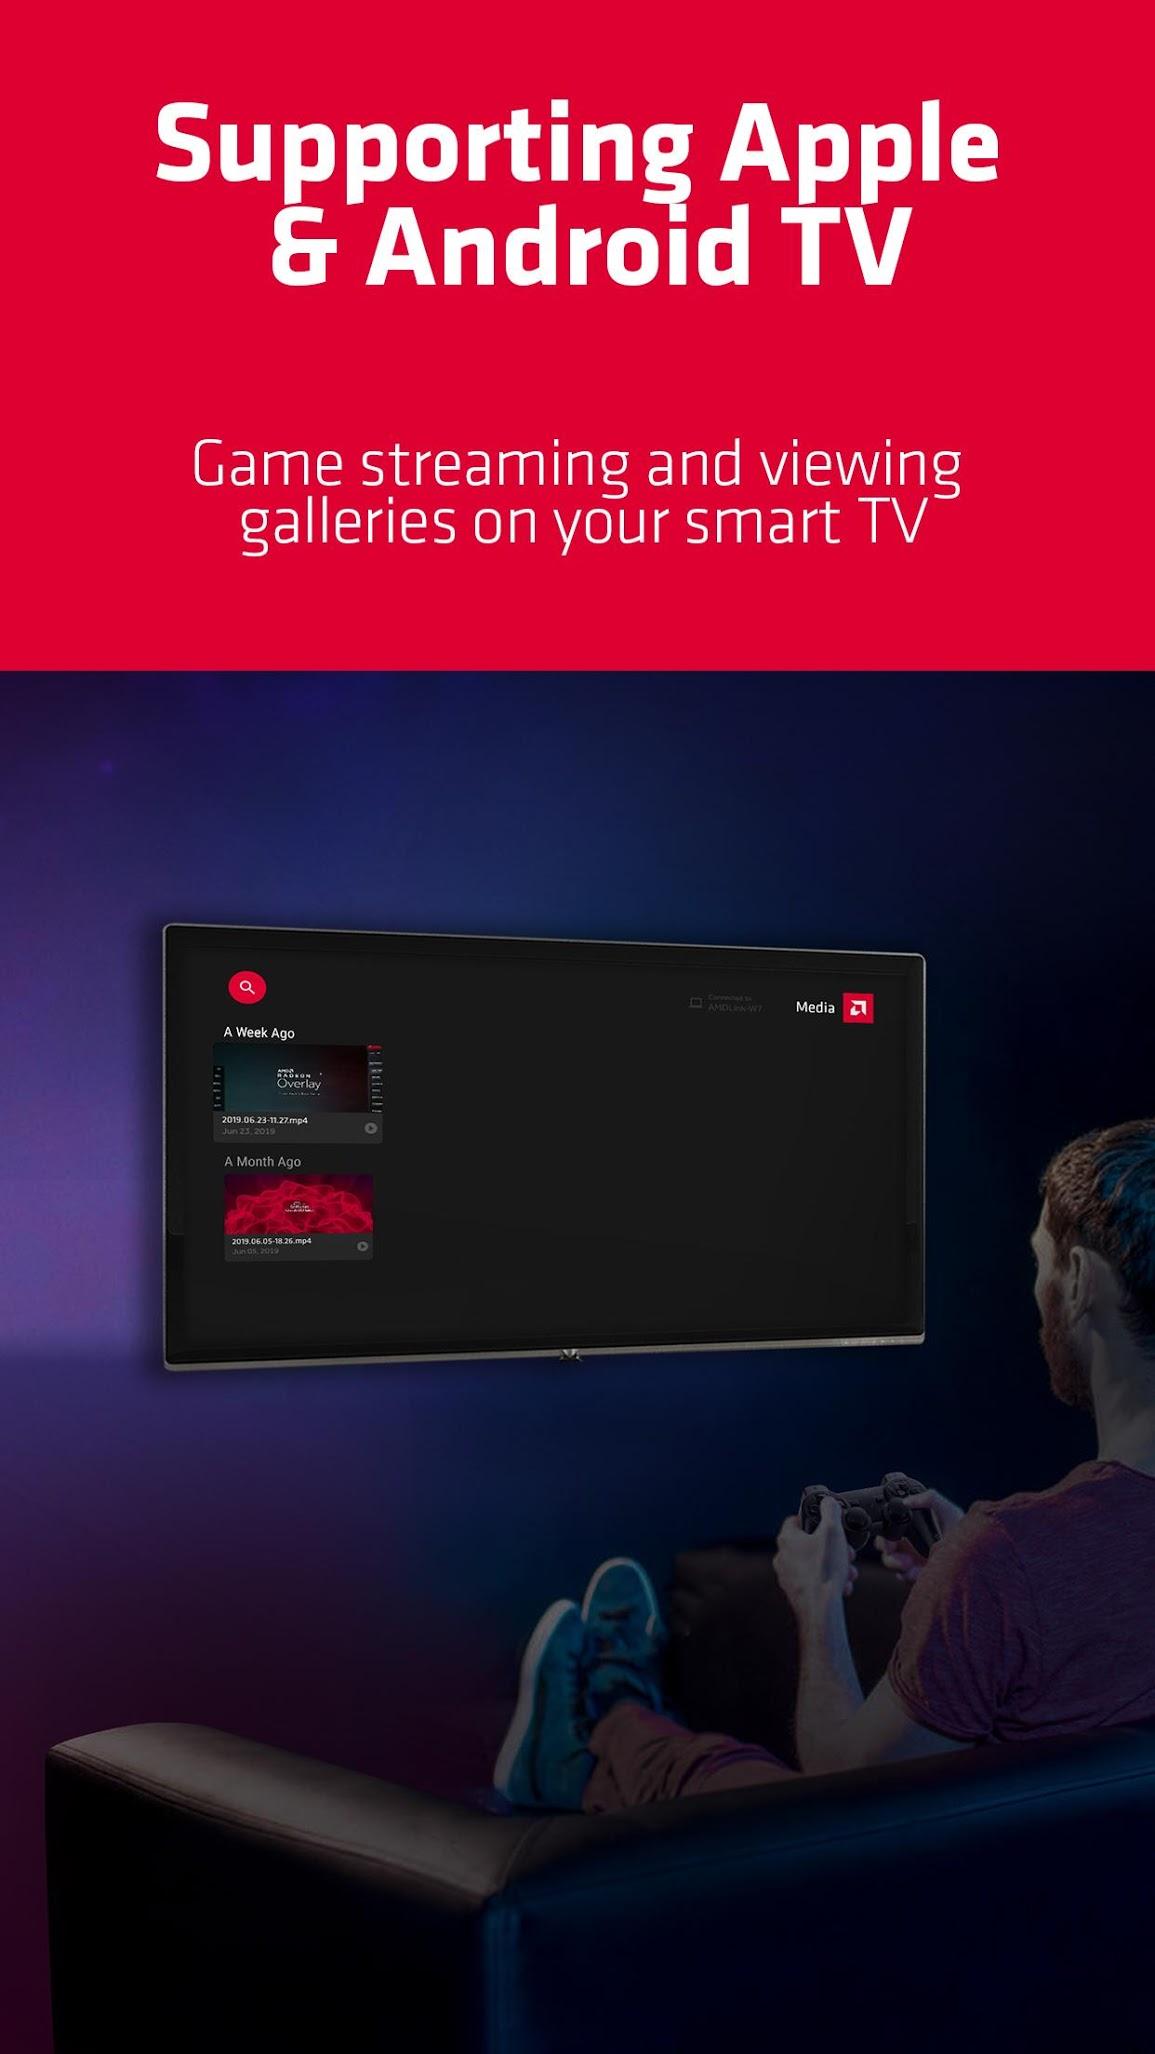 Aplikacja AMD Link strumieniowanie gier na telewizory Android TV Apple TV gry